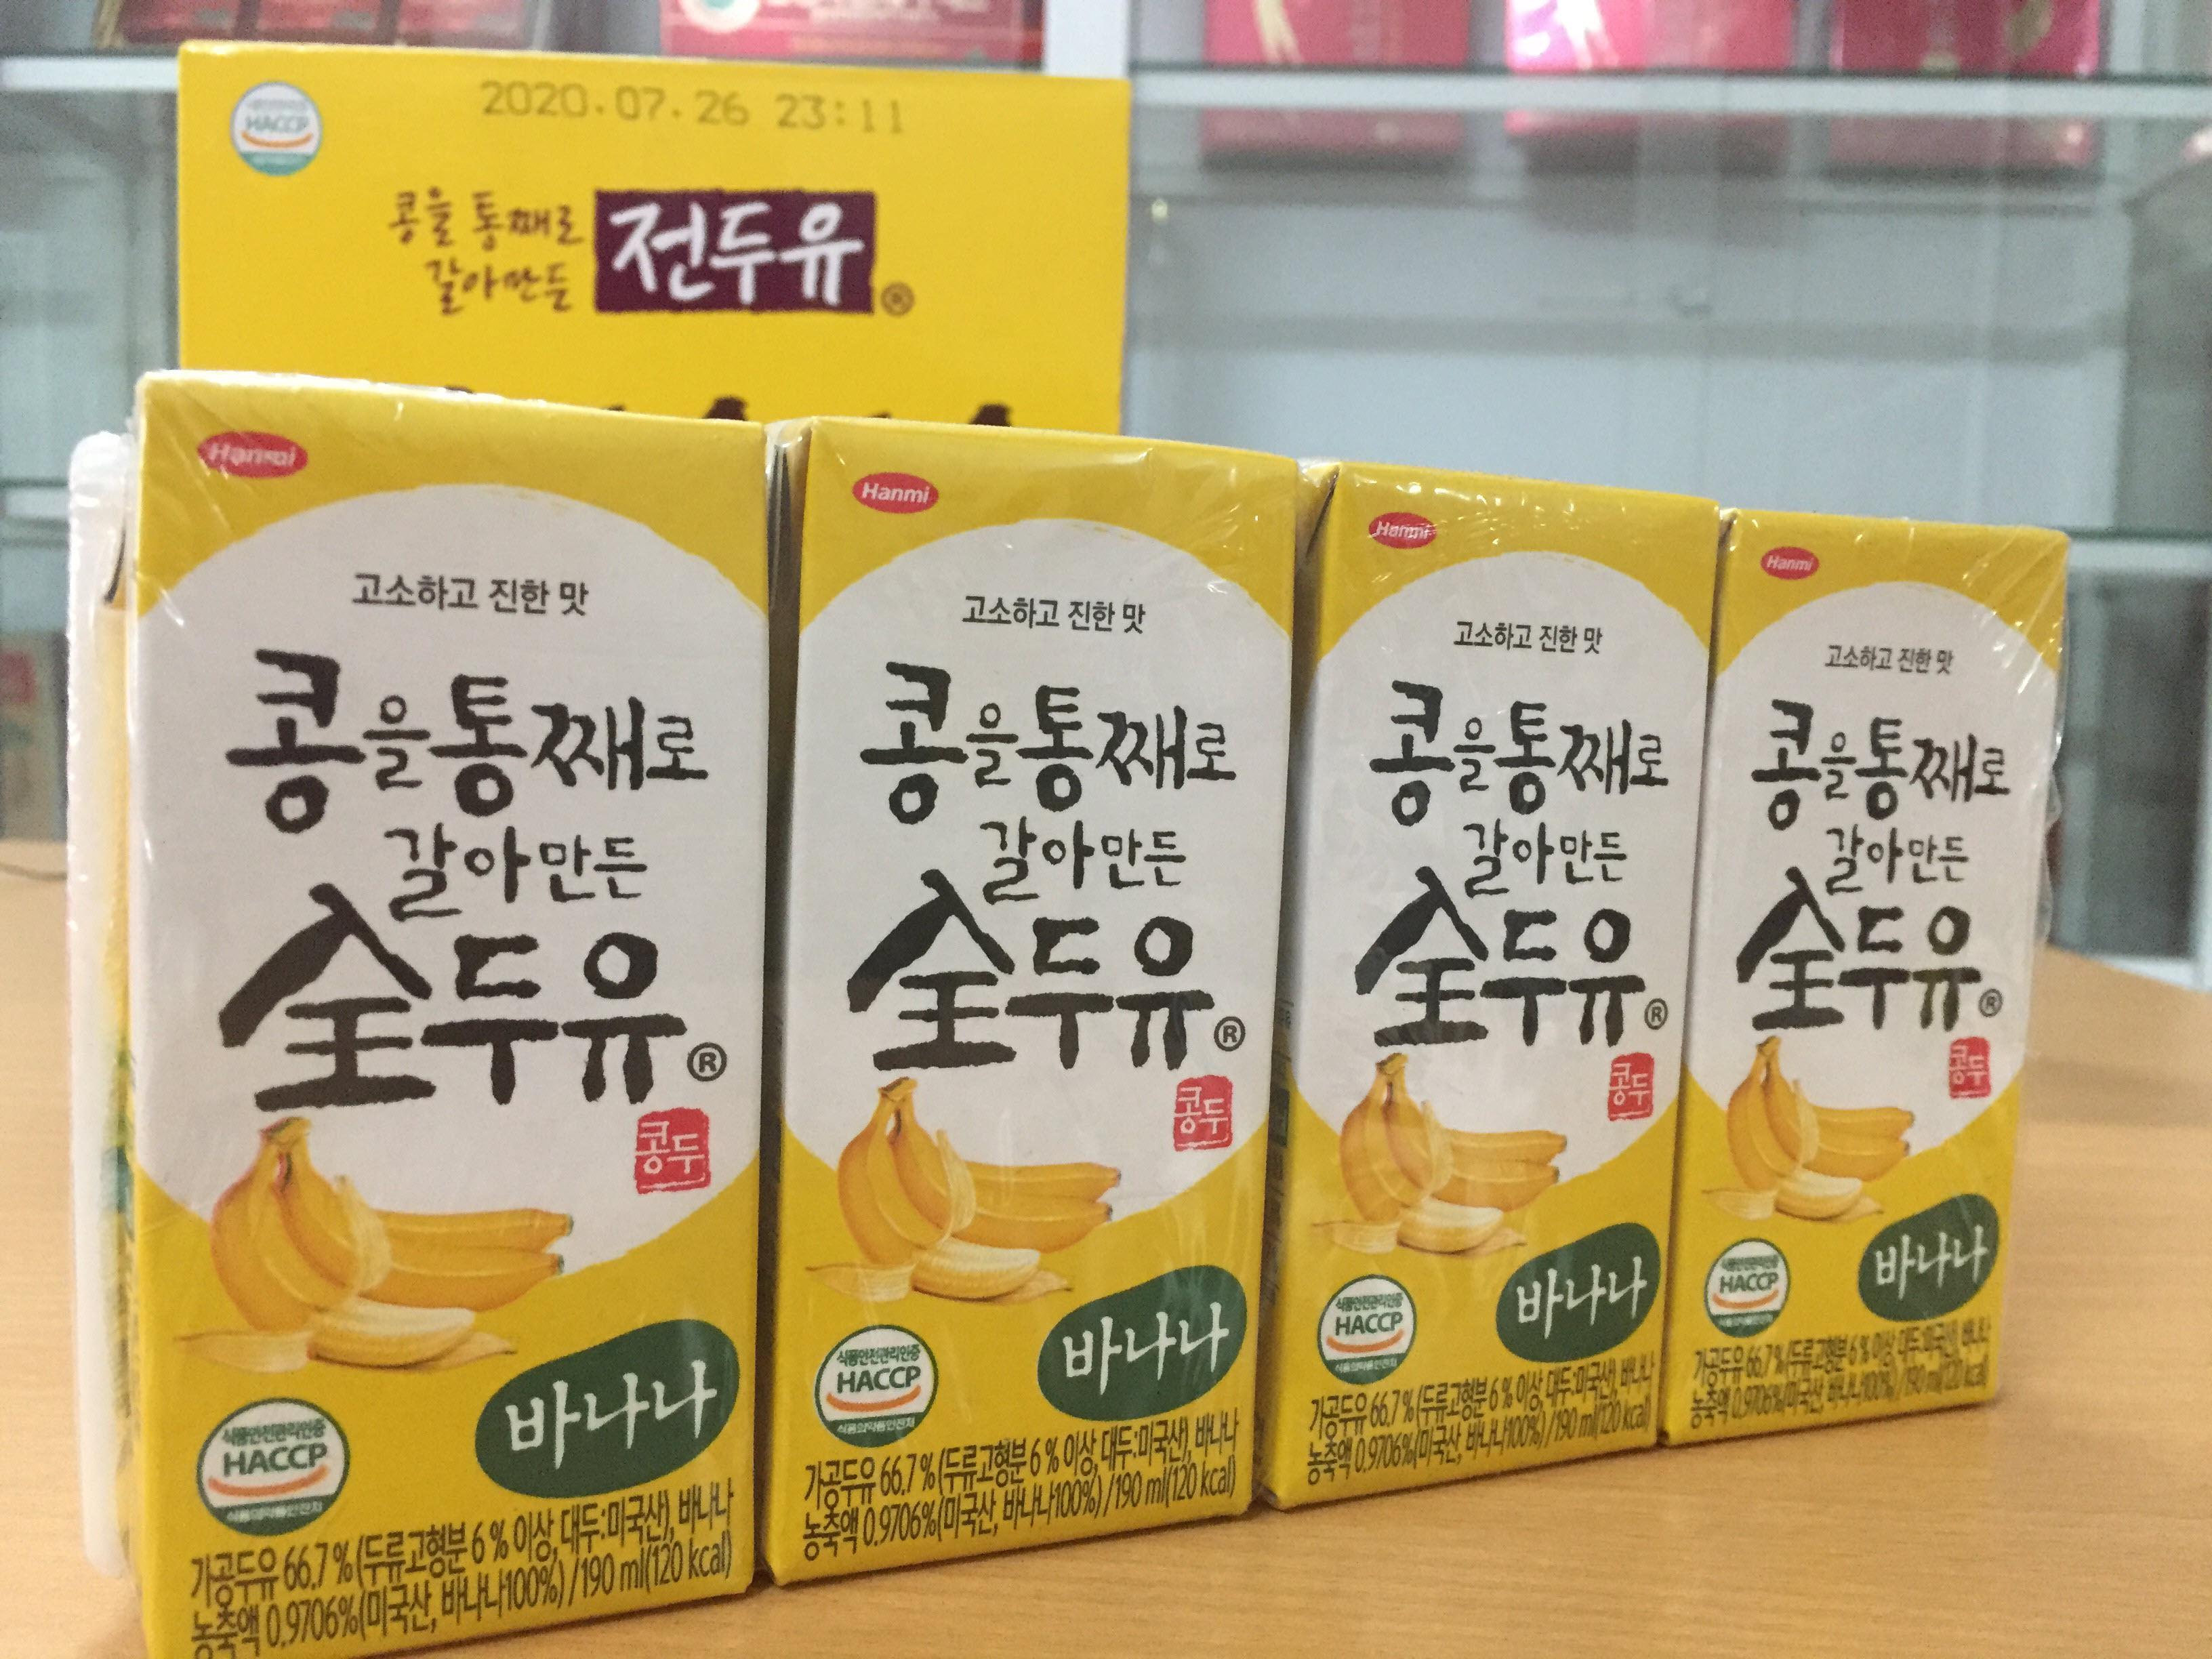 [Hanmi] - Sữa Hạt Hàn Quốc vị chuối 190 ml (4 hộp) - Sữa hạt Hàn Quốc Hanmi